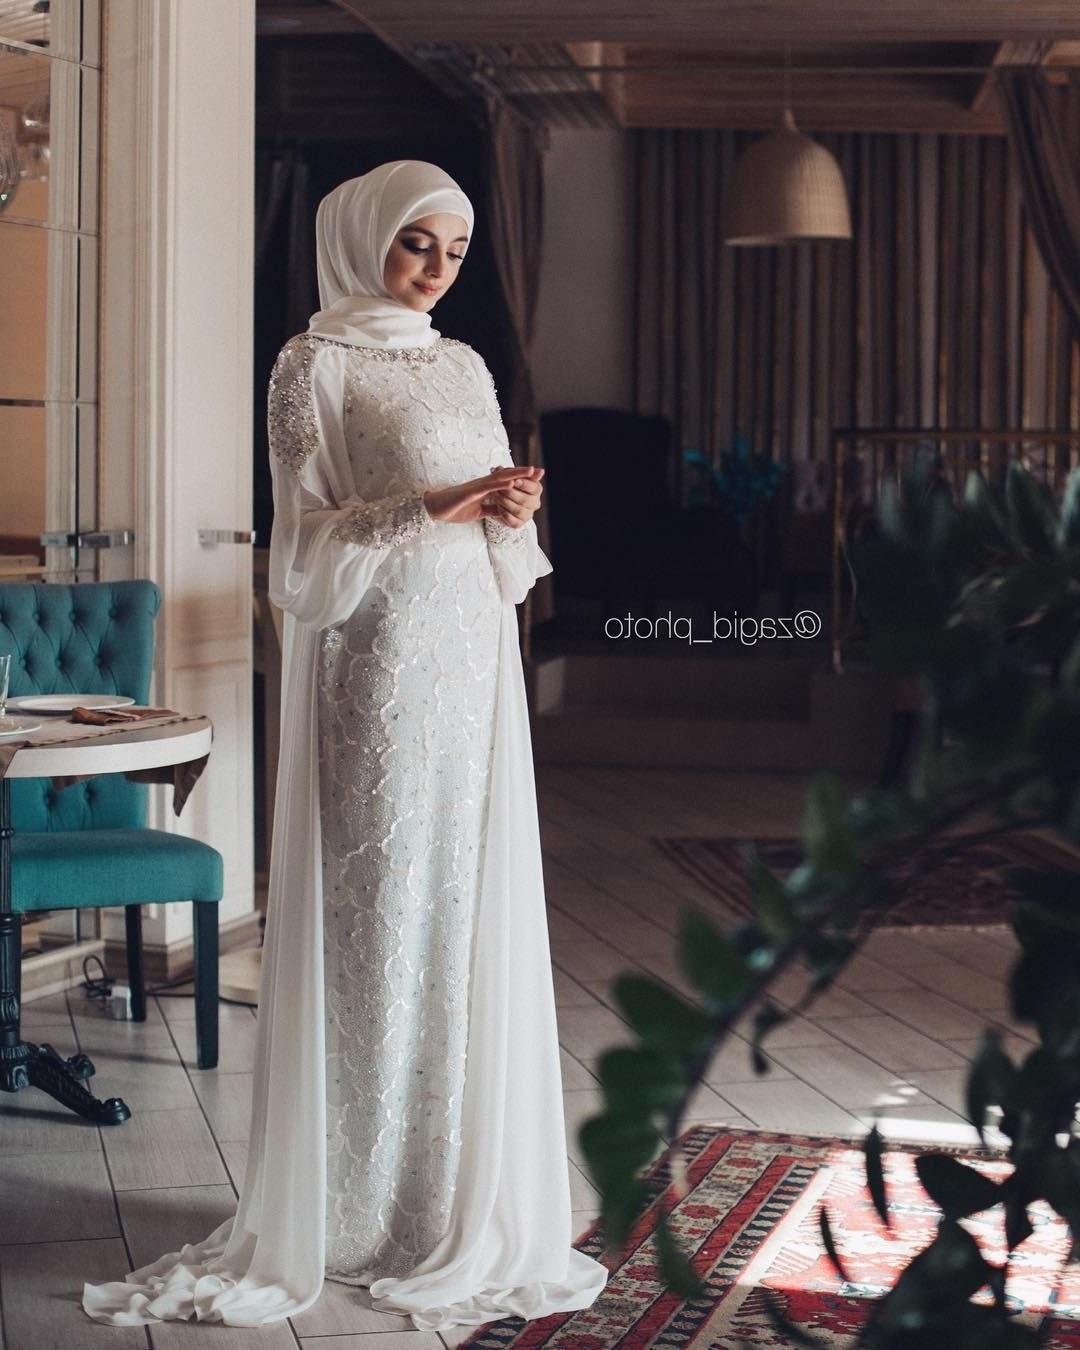 Inspirasi Gaun Pengantin Muslim Sederhana Qwdq Pin Oleh СевиРя Бекирова Di Хиджабы Di 2019